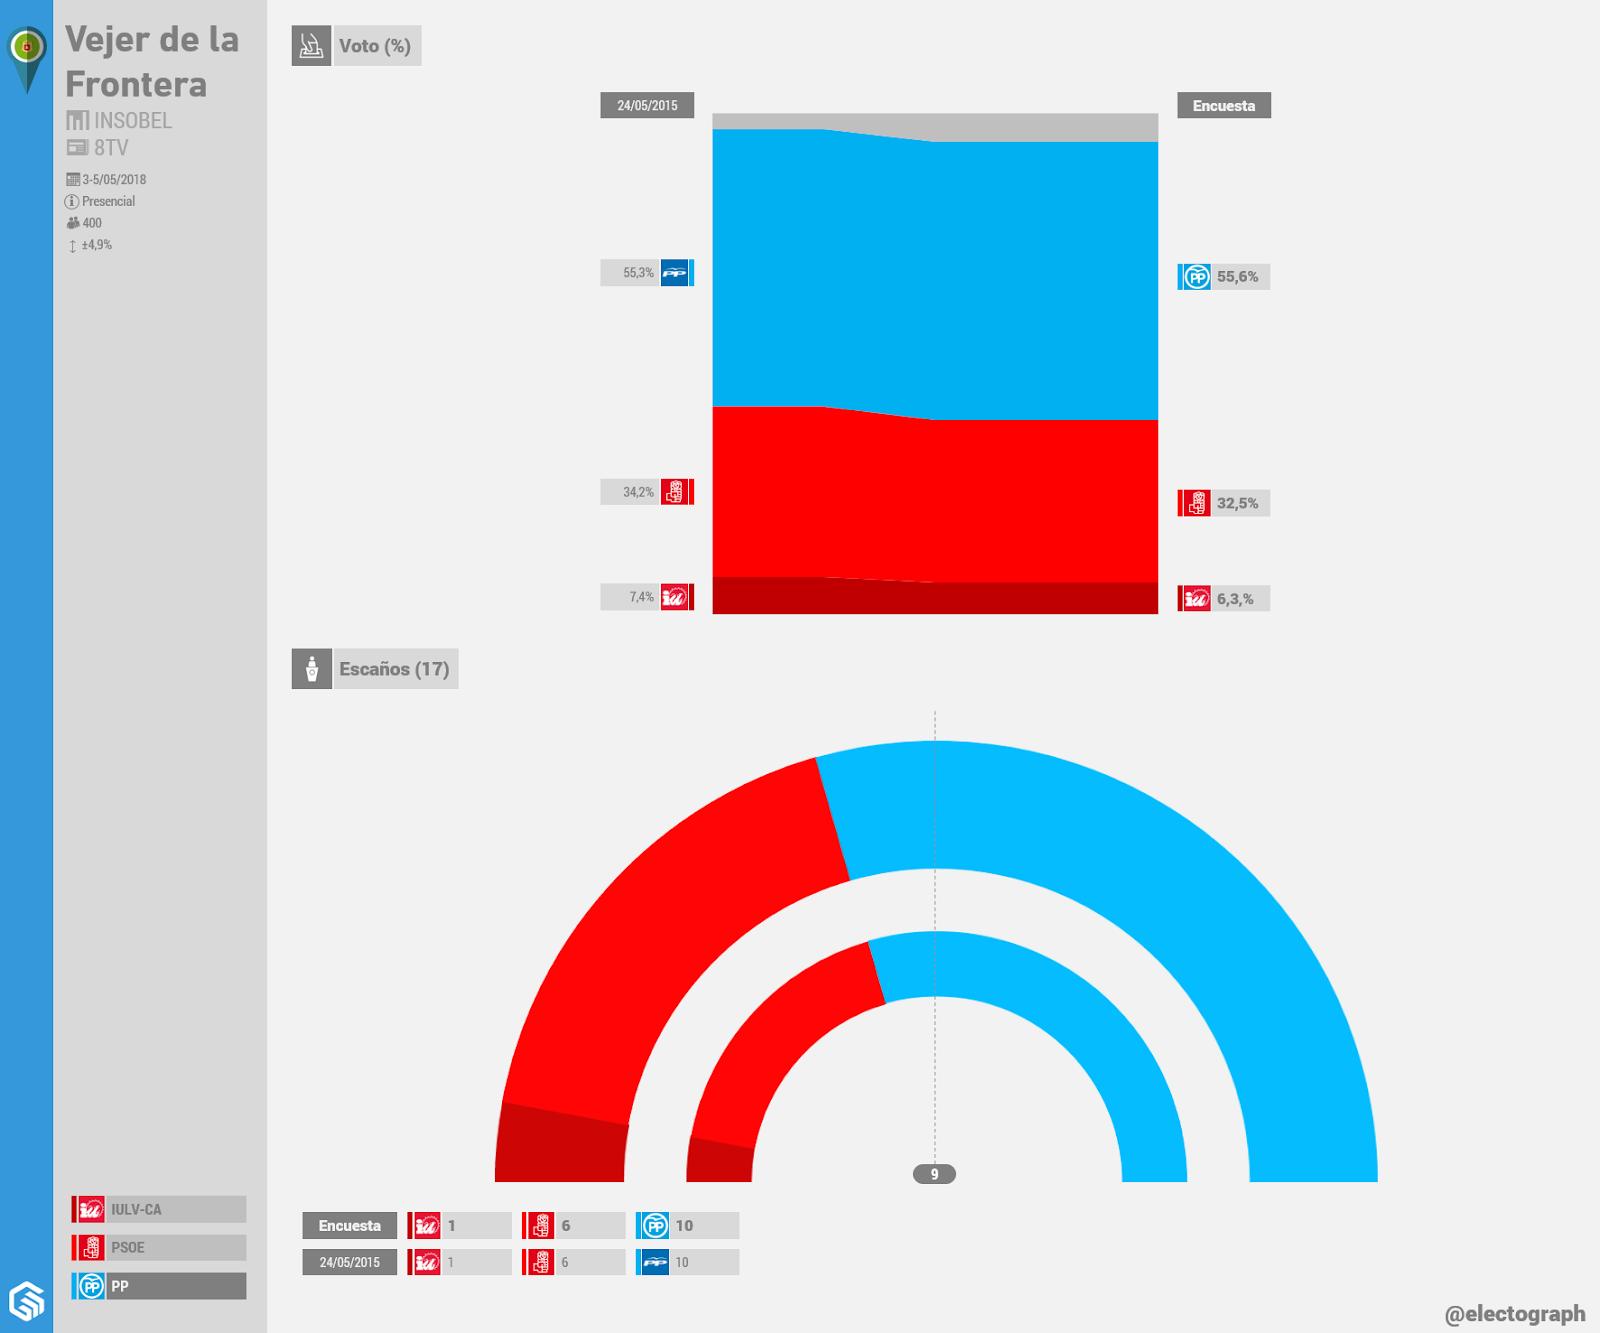 Gráfico de la encuesta para elecciones municipales en Vejer de la Frontera realizada por Insobel para 8TV en mayo de 2018